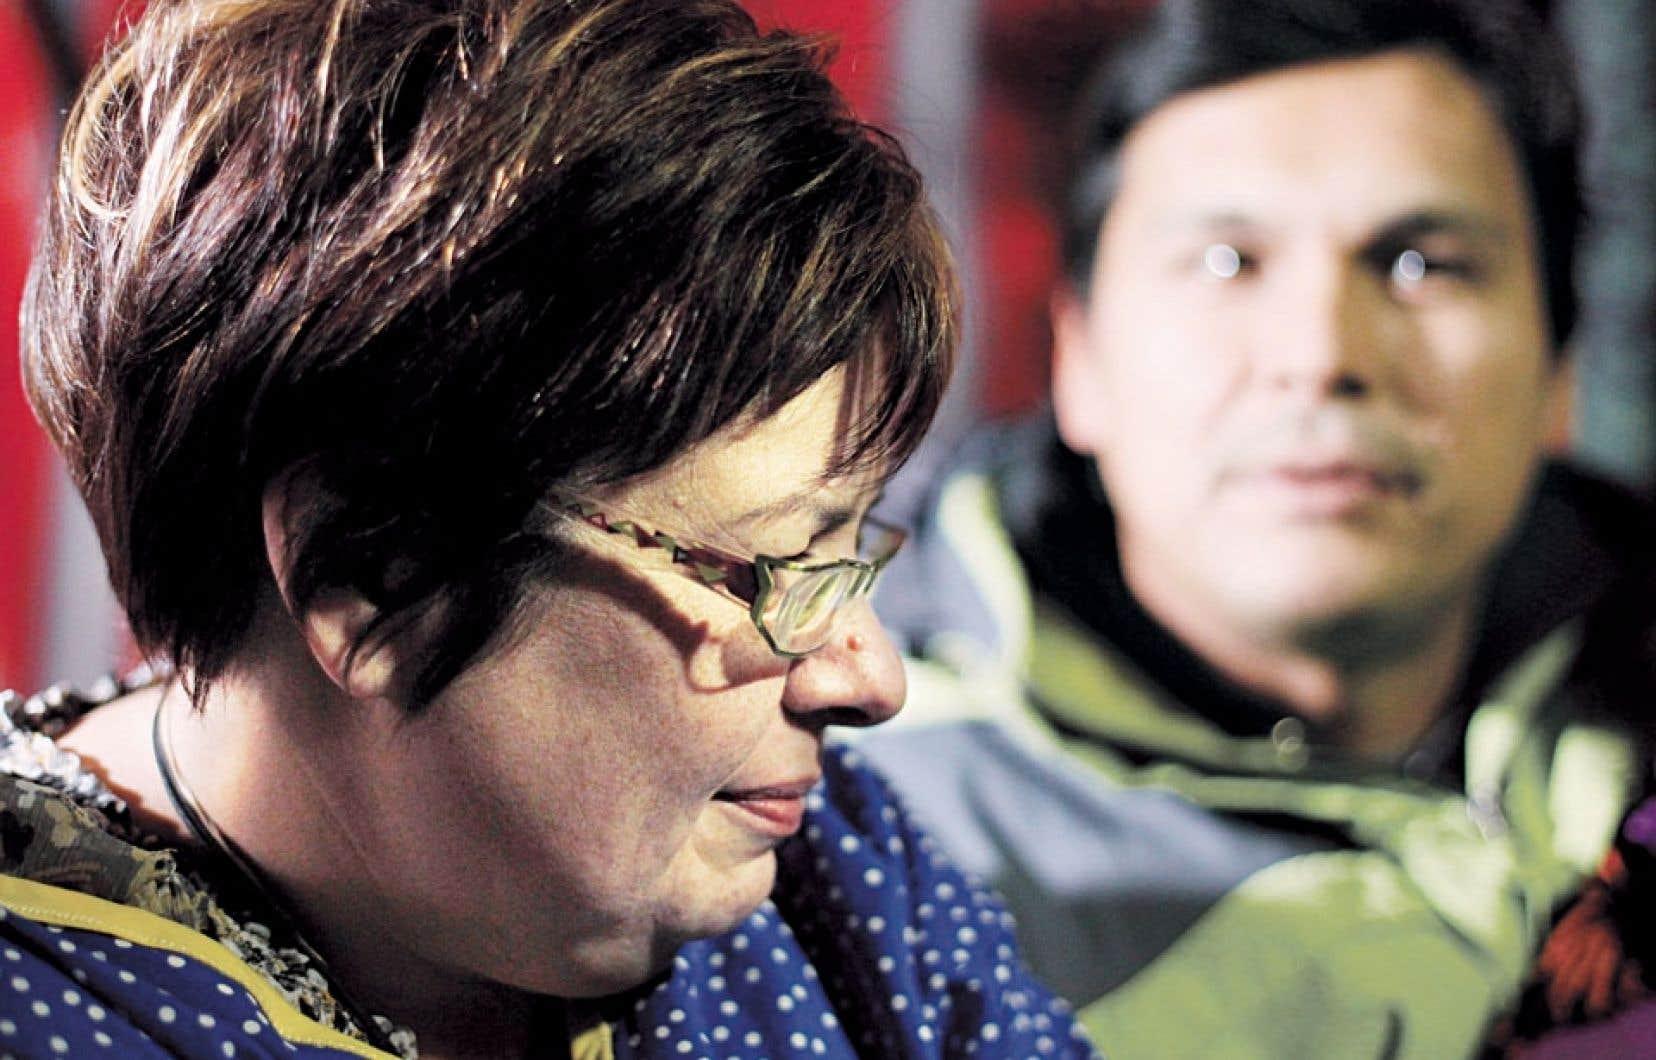 Theresa Spence mène, depuis le 11 décembre dernier, une grève de la faim pour dénoncer les conditions de vie des autochtones.